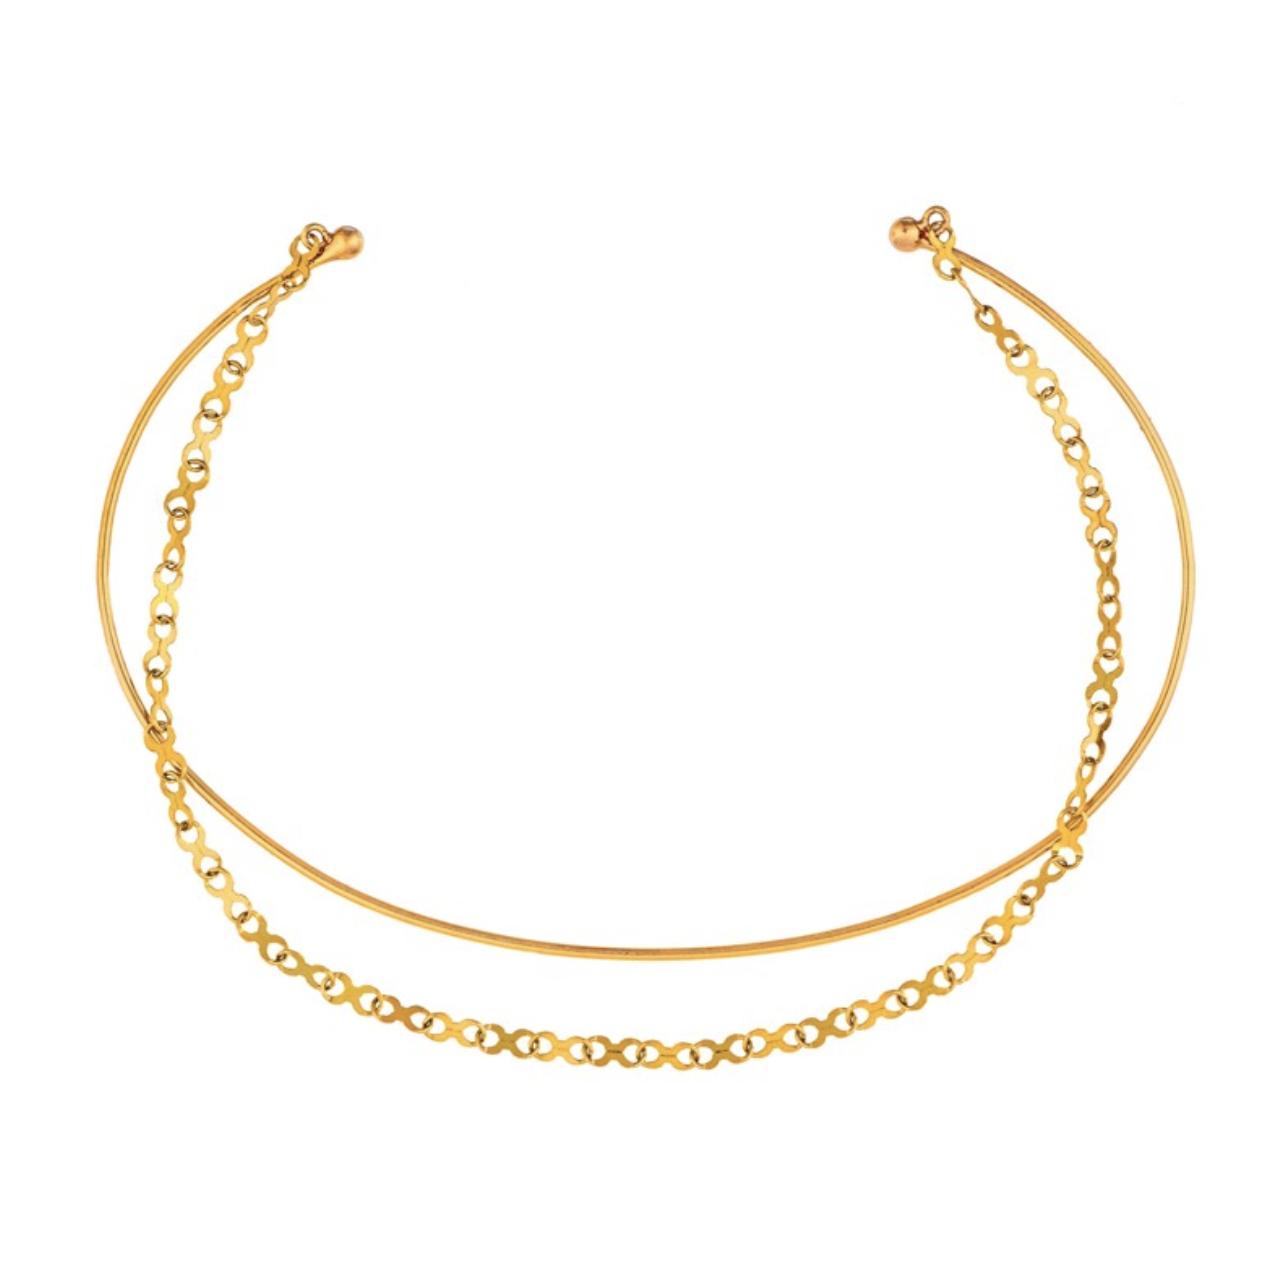 Comment porter le bracelet jonc en or 18 carats - Mangue Poudrée - Influenceuse Reims Paris Lille Charlotte